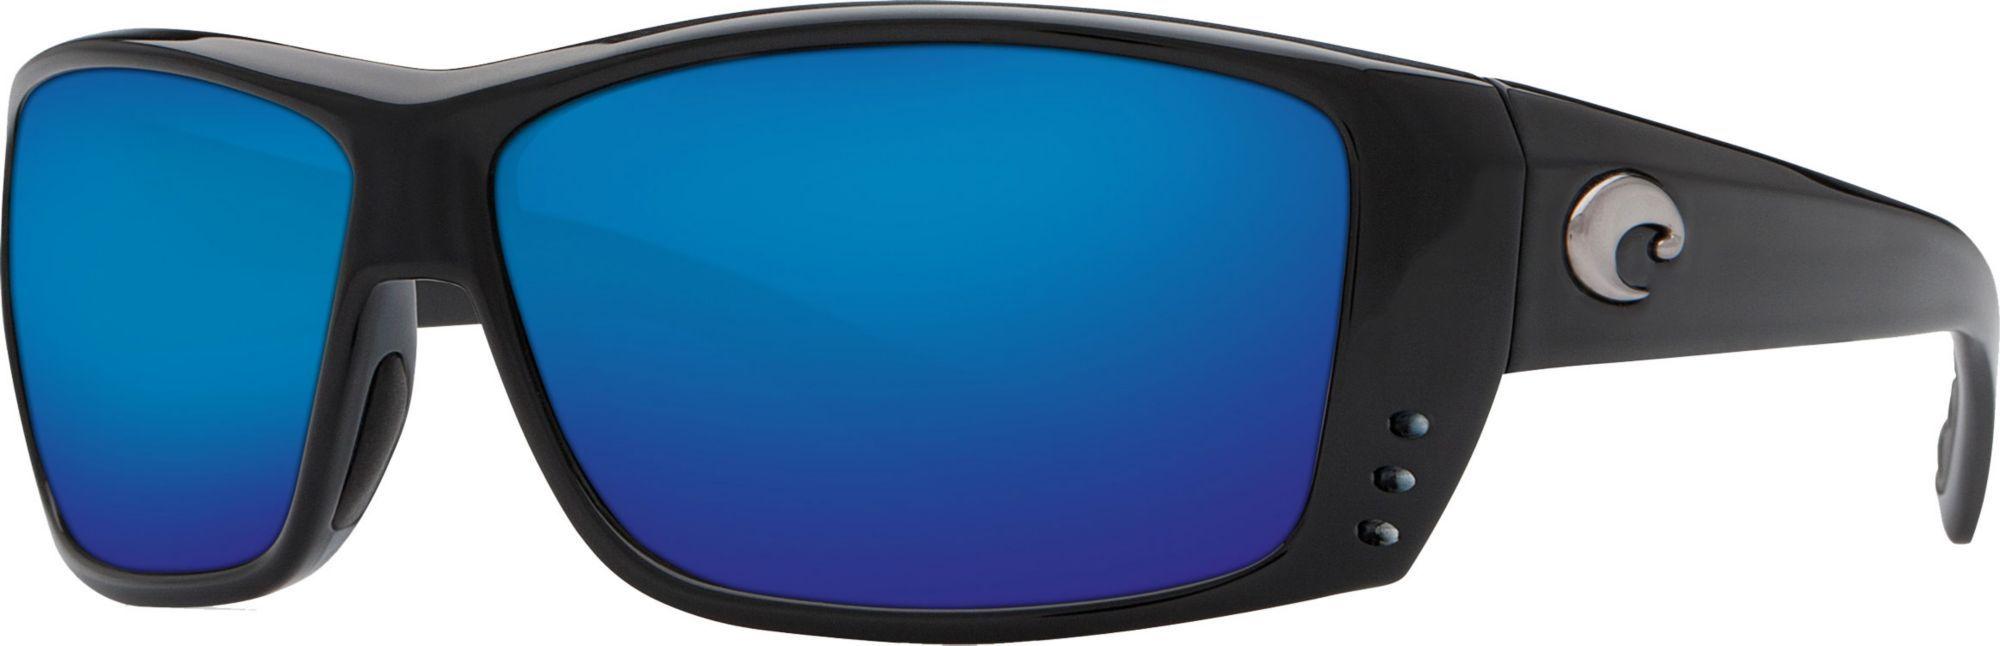 dc333f1346c Costa Del Mar Men s Cat Cay 580P Polarized Sunglasses